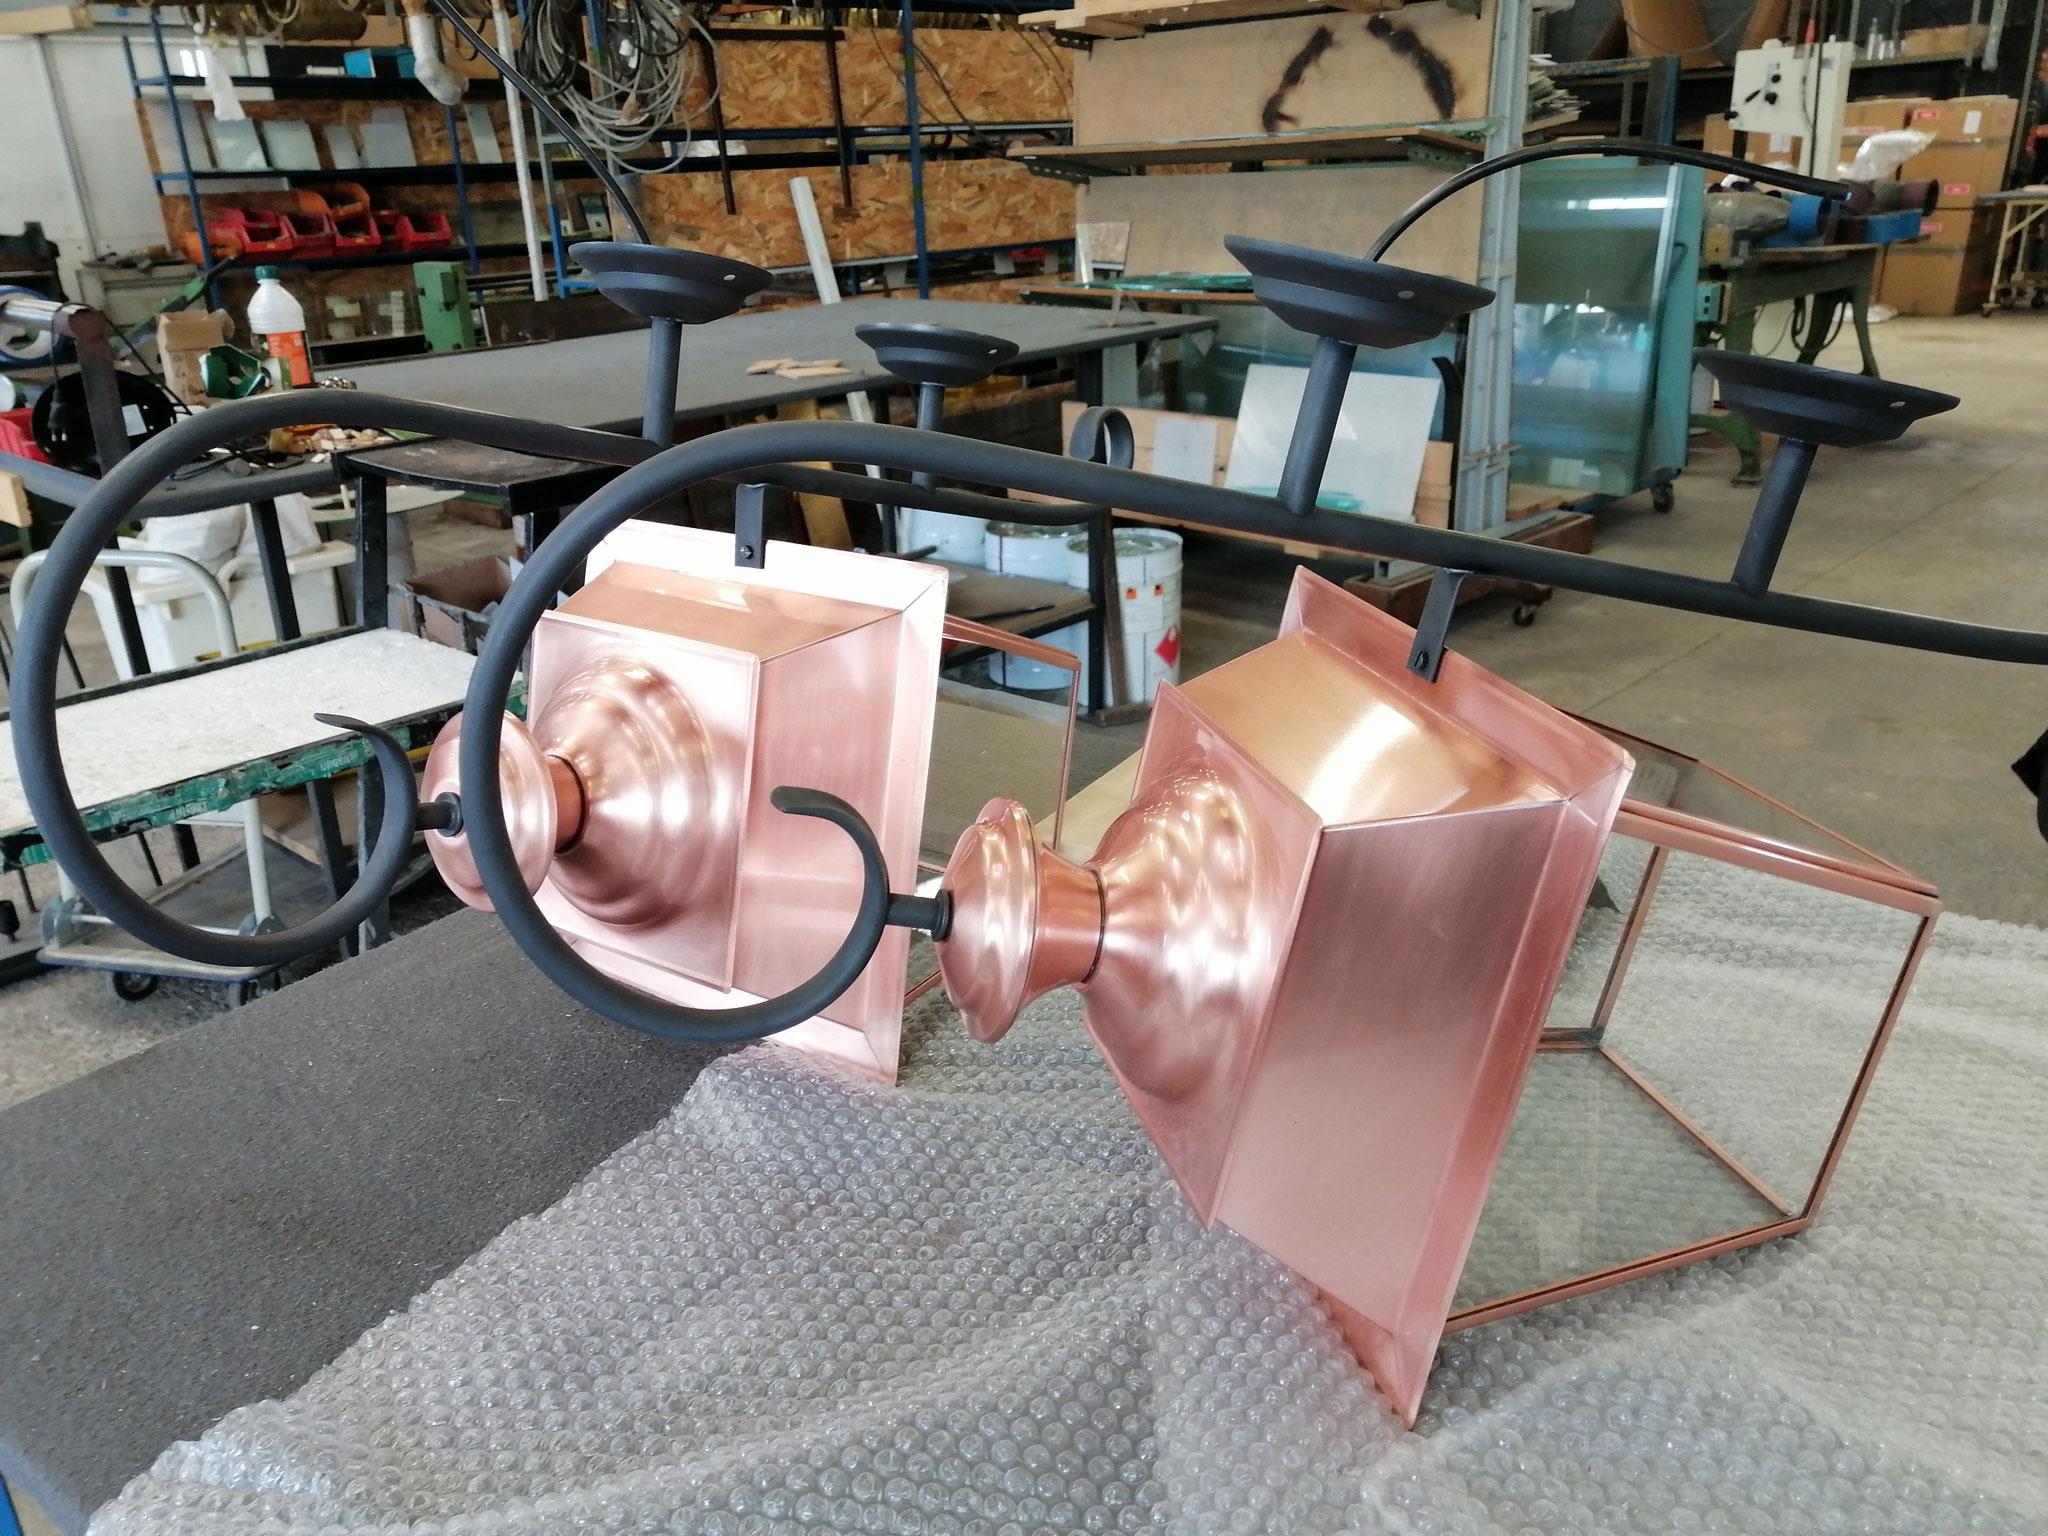 Fabrications spéciales d'appliques pour l'extérieur - Potence en finition Métal Fumé N°23 & corps en cuivre.